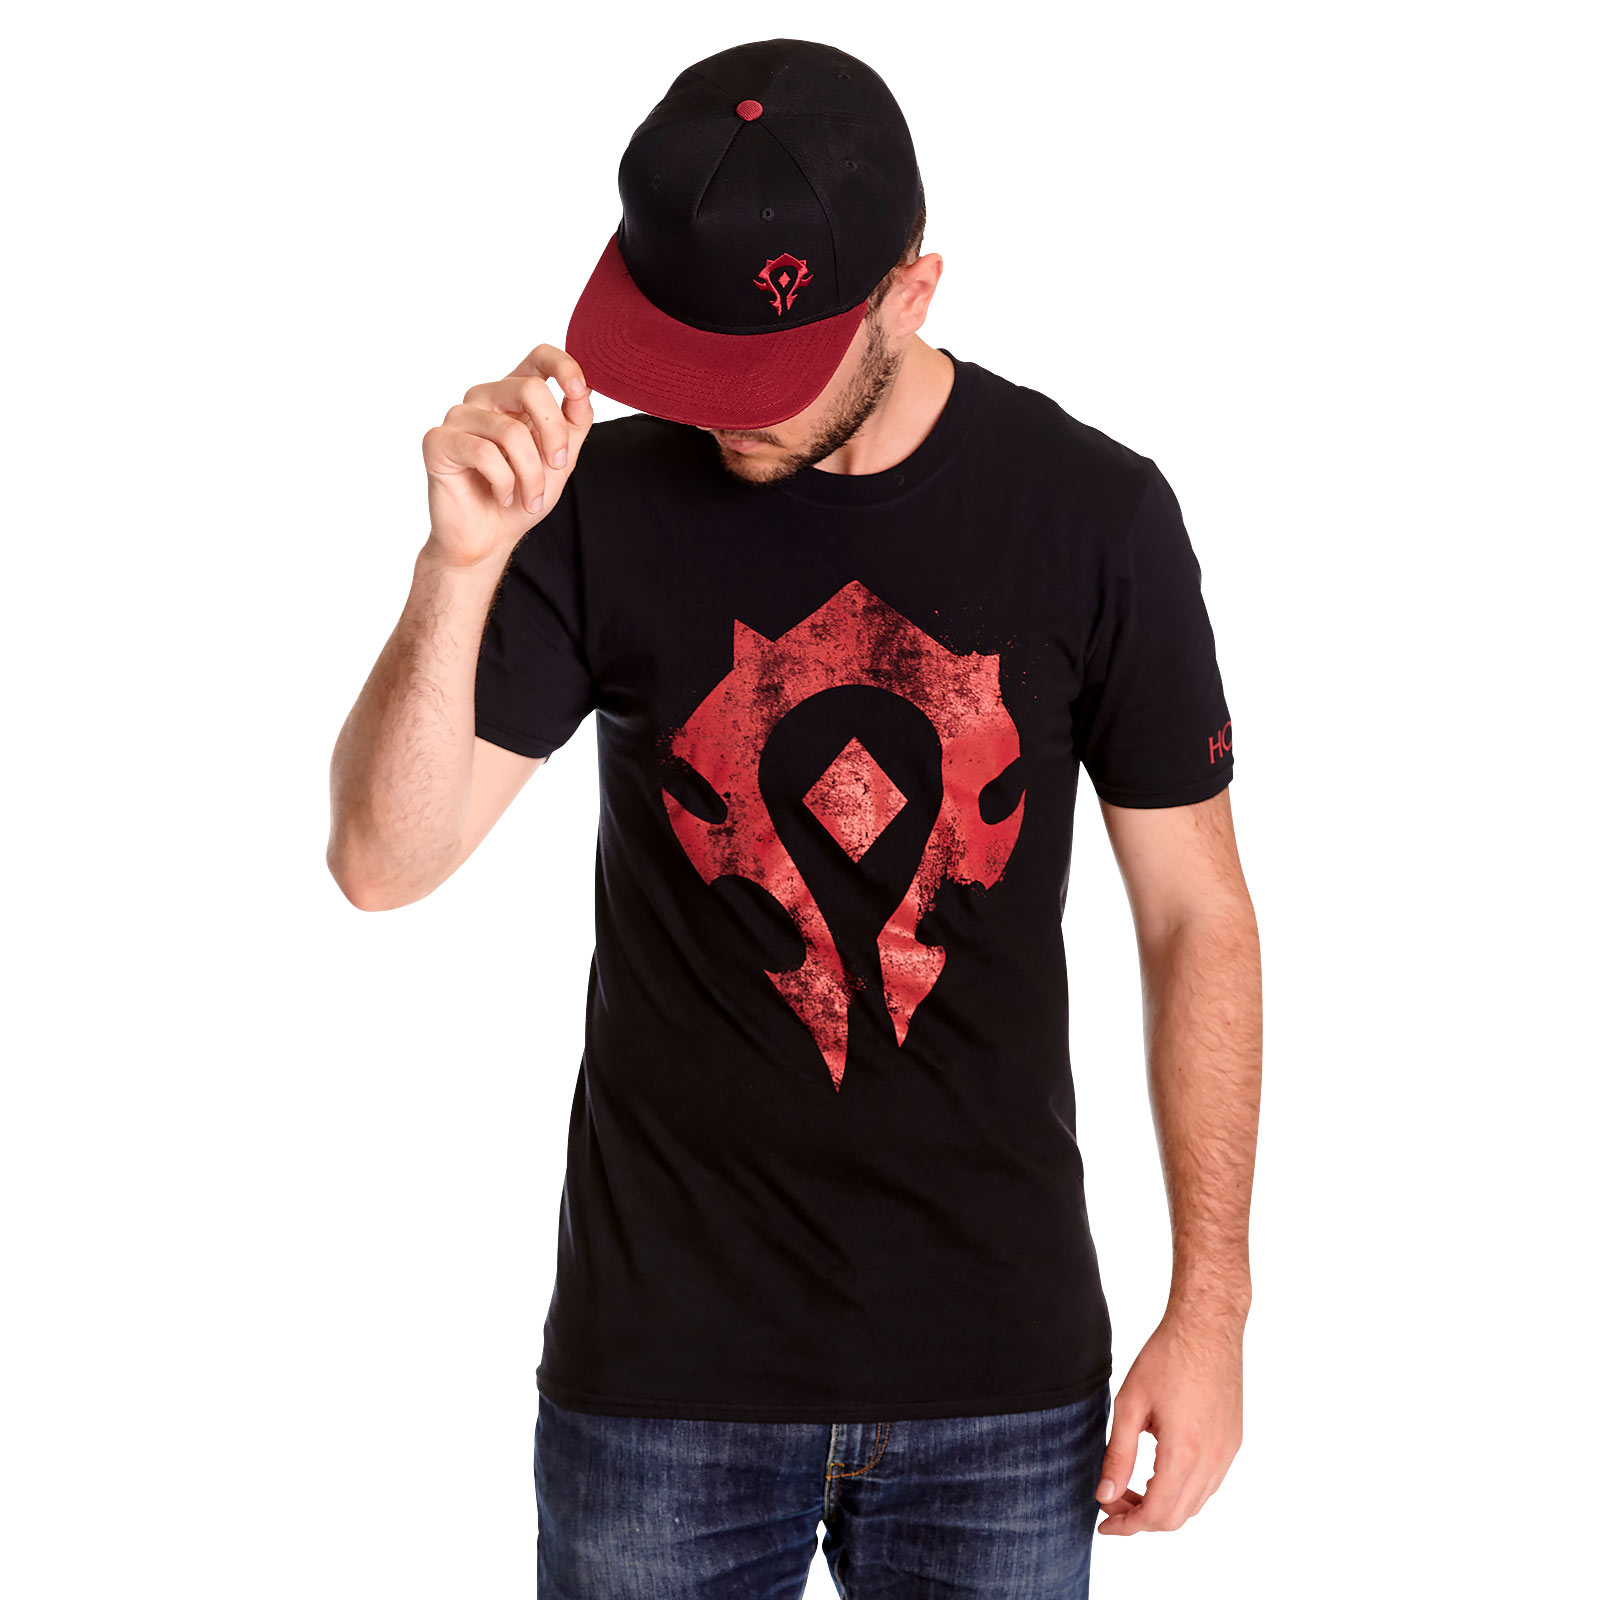 World of Warcraft - Horde Always T-Shirt schwarz